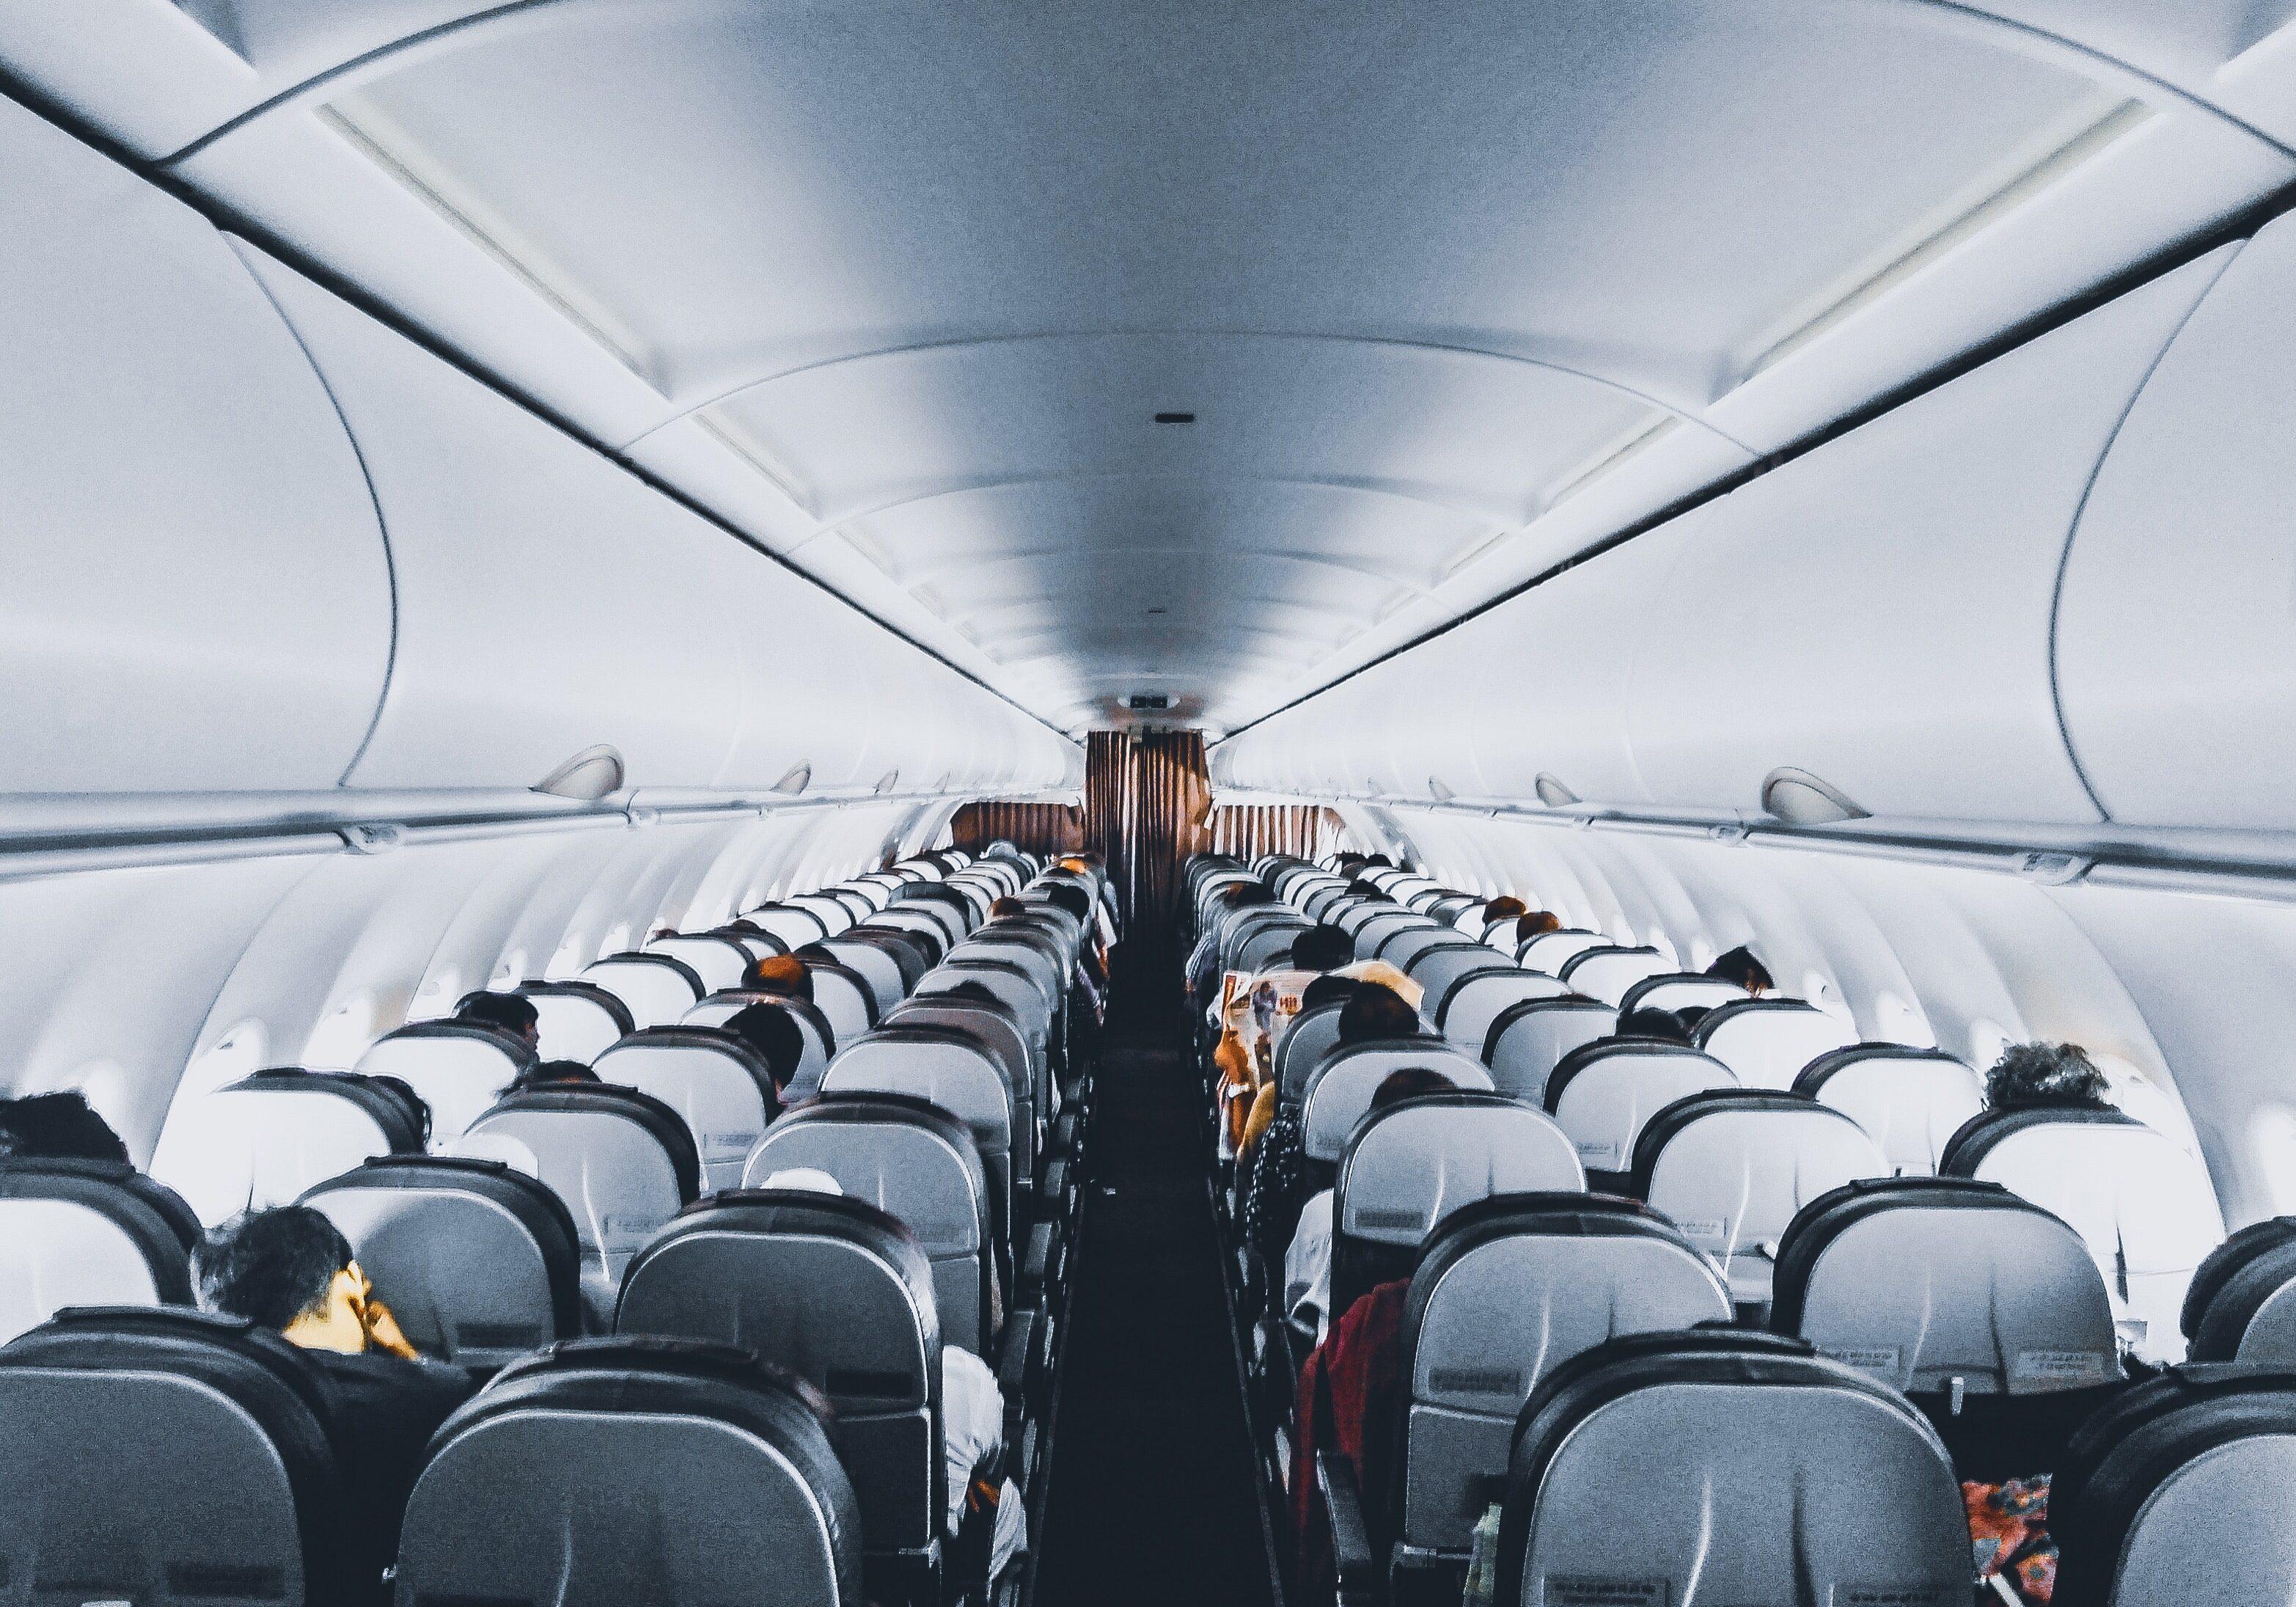 flight prices soar for australians returning home